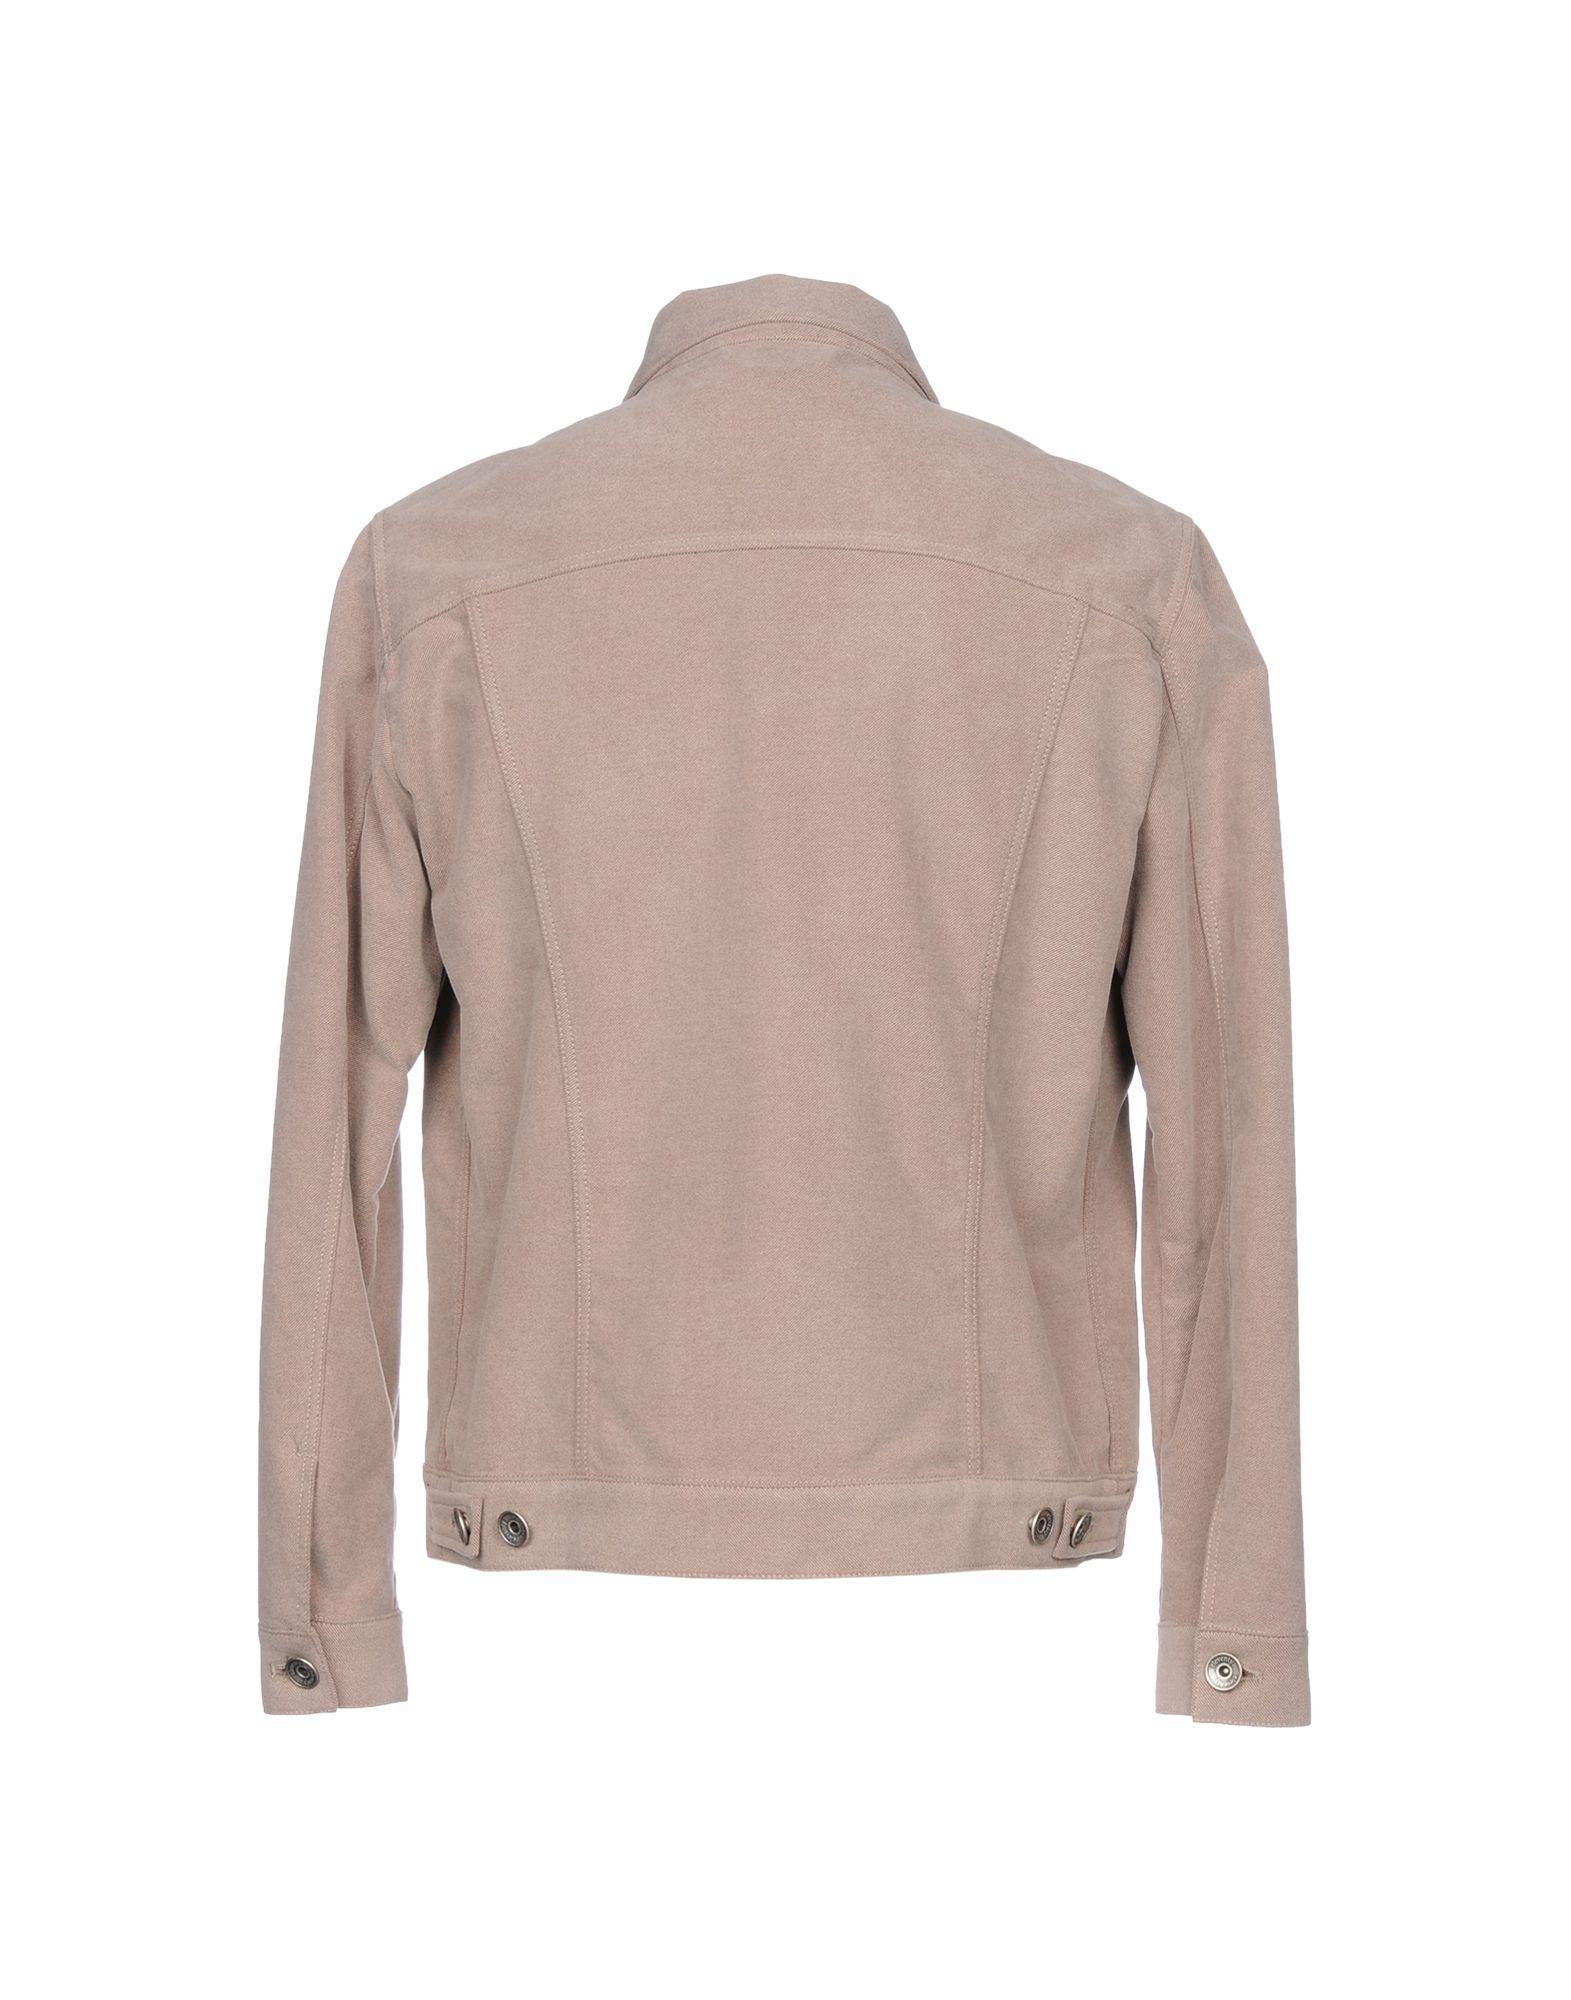 Eleventy Cotton Jacket in Beige (Natural) for Men